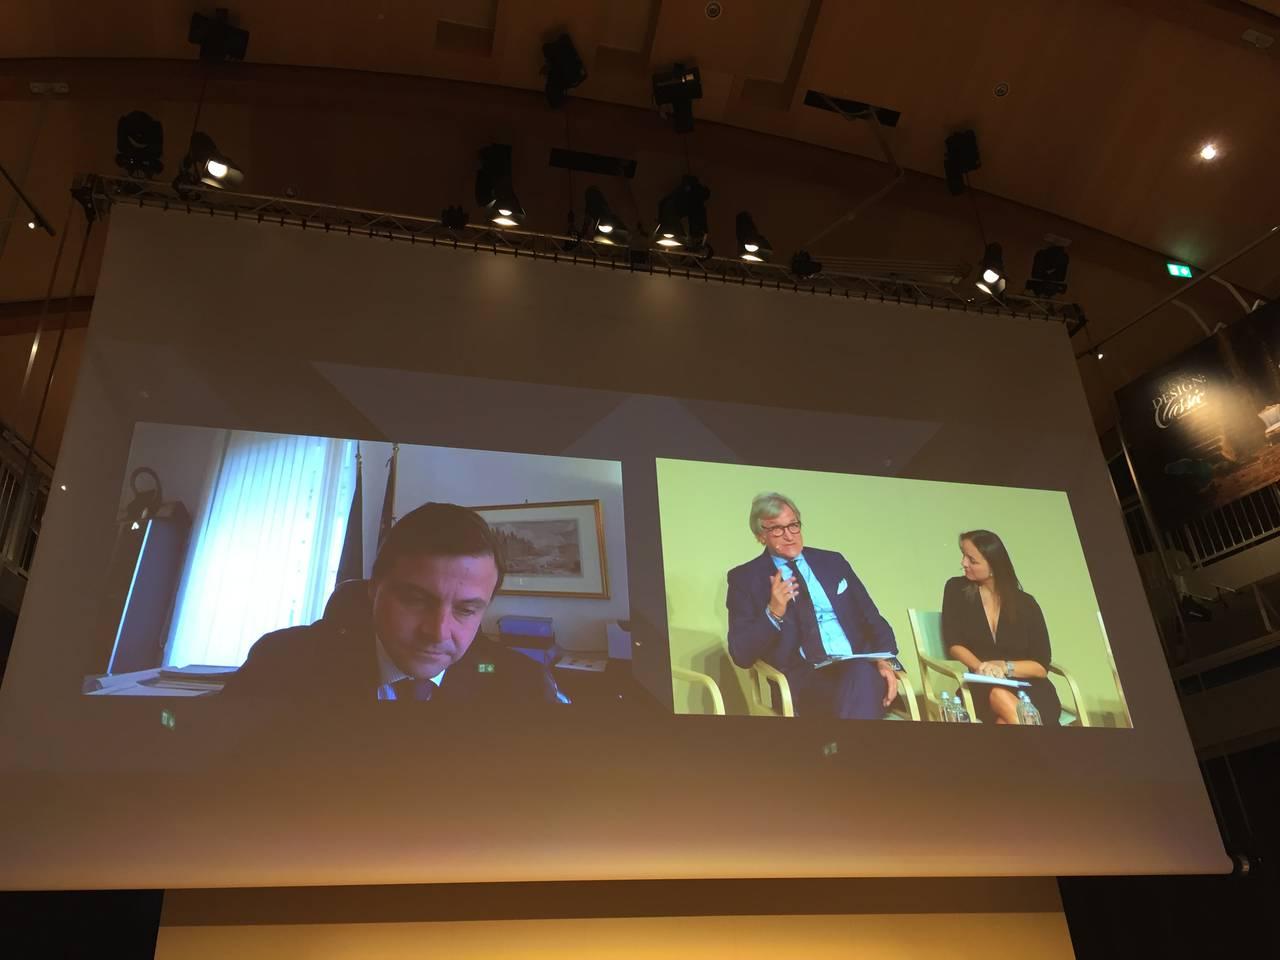 Carlo Calenda, in video conferenza, insieme a Roberto Snaidero e Camila RaznovichCarlo Calenda, in video conferenza, insieme a Roberto Snaidero e Camila Raznovich